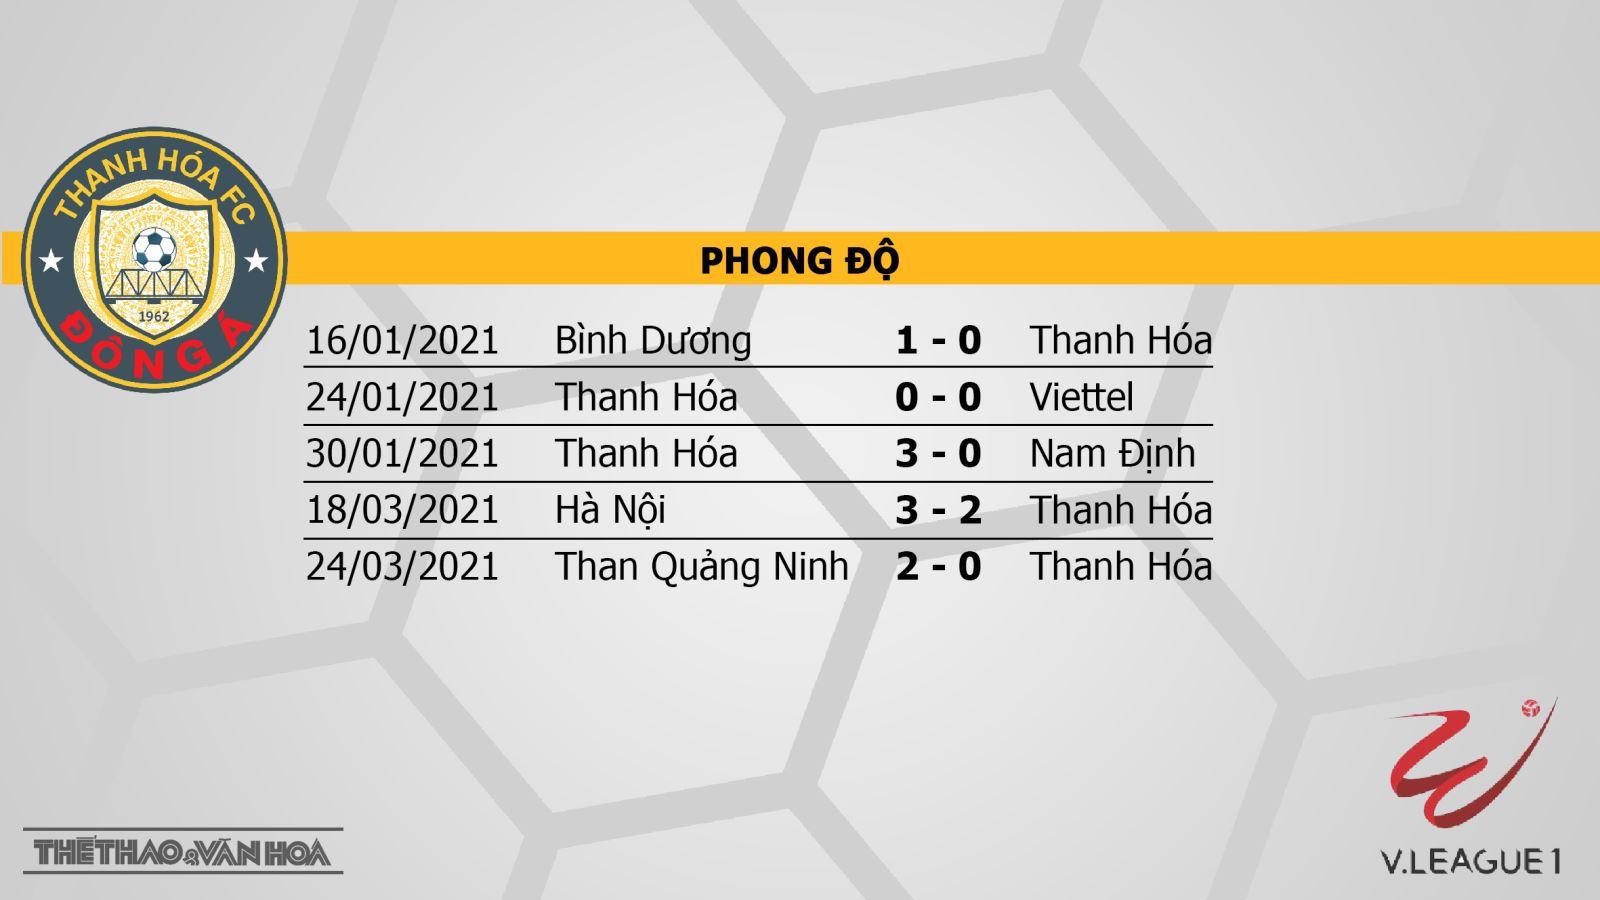 Kèo nhà cái. Thanh Hóa vs Đà Nẵng. BĐTV trực tiếp bóng đá  V-League 2021